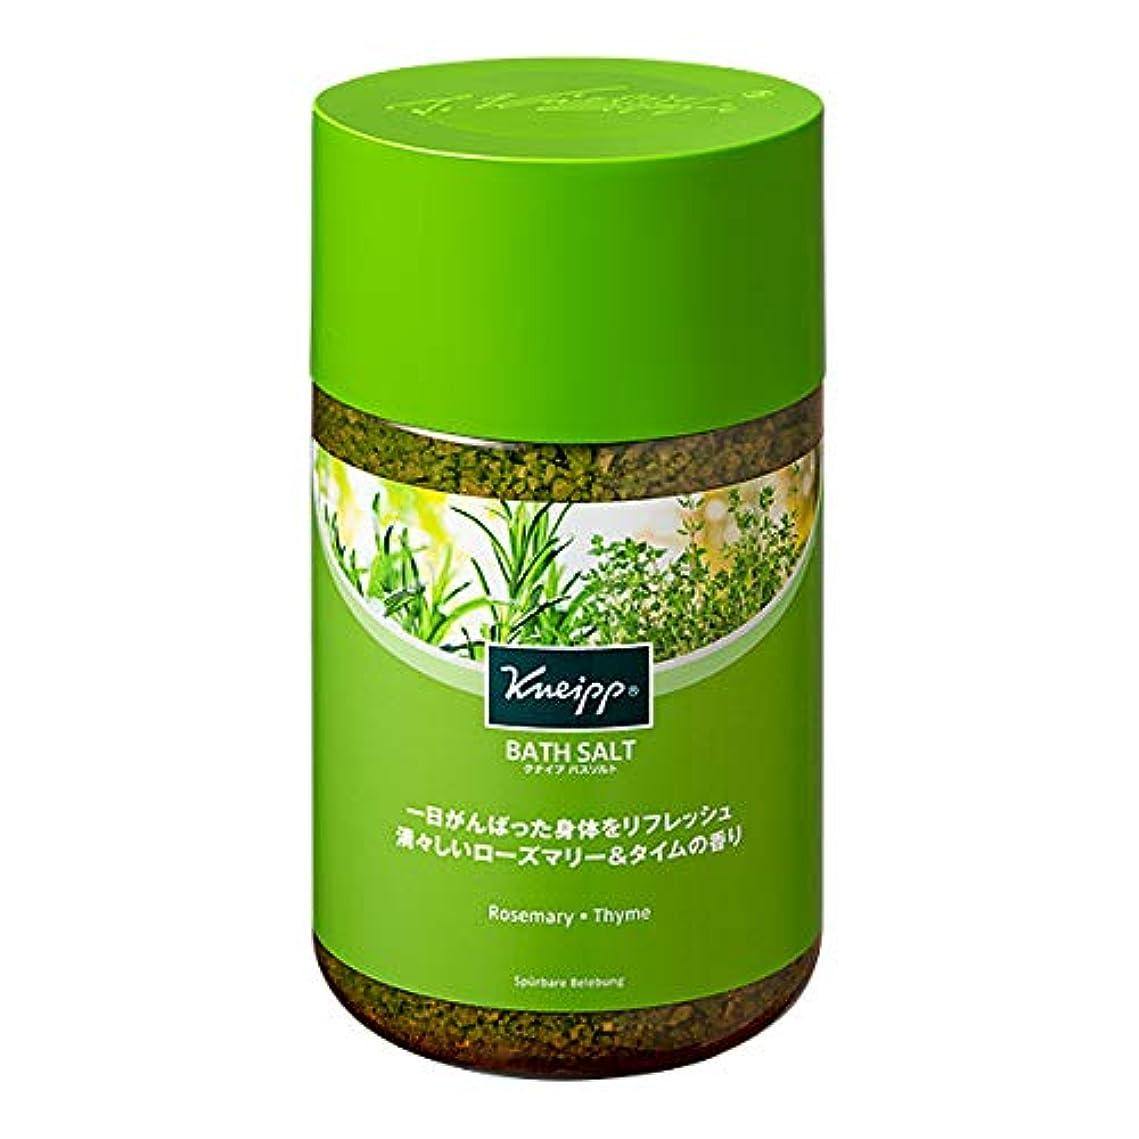 ナビゲーションぺディカブアウタークナイプ(Kneipp) クナイプ バスソルト ローズマリー&タイムの香り850g 入浴剤